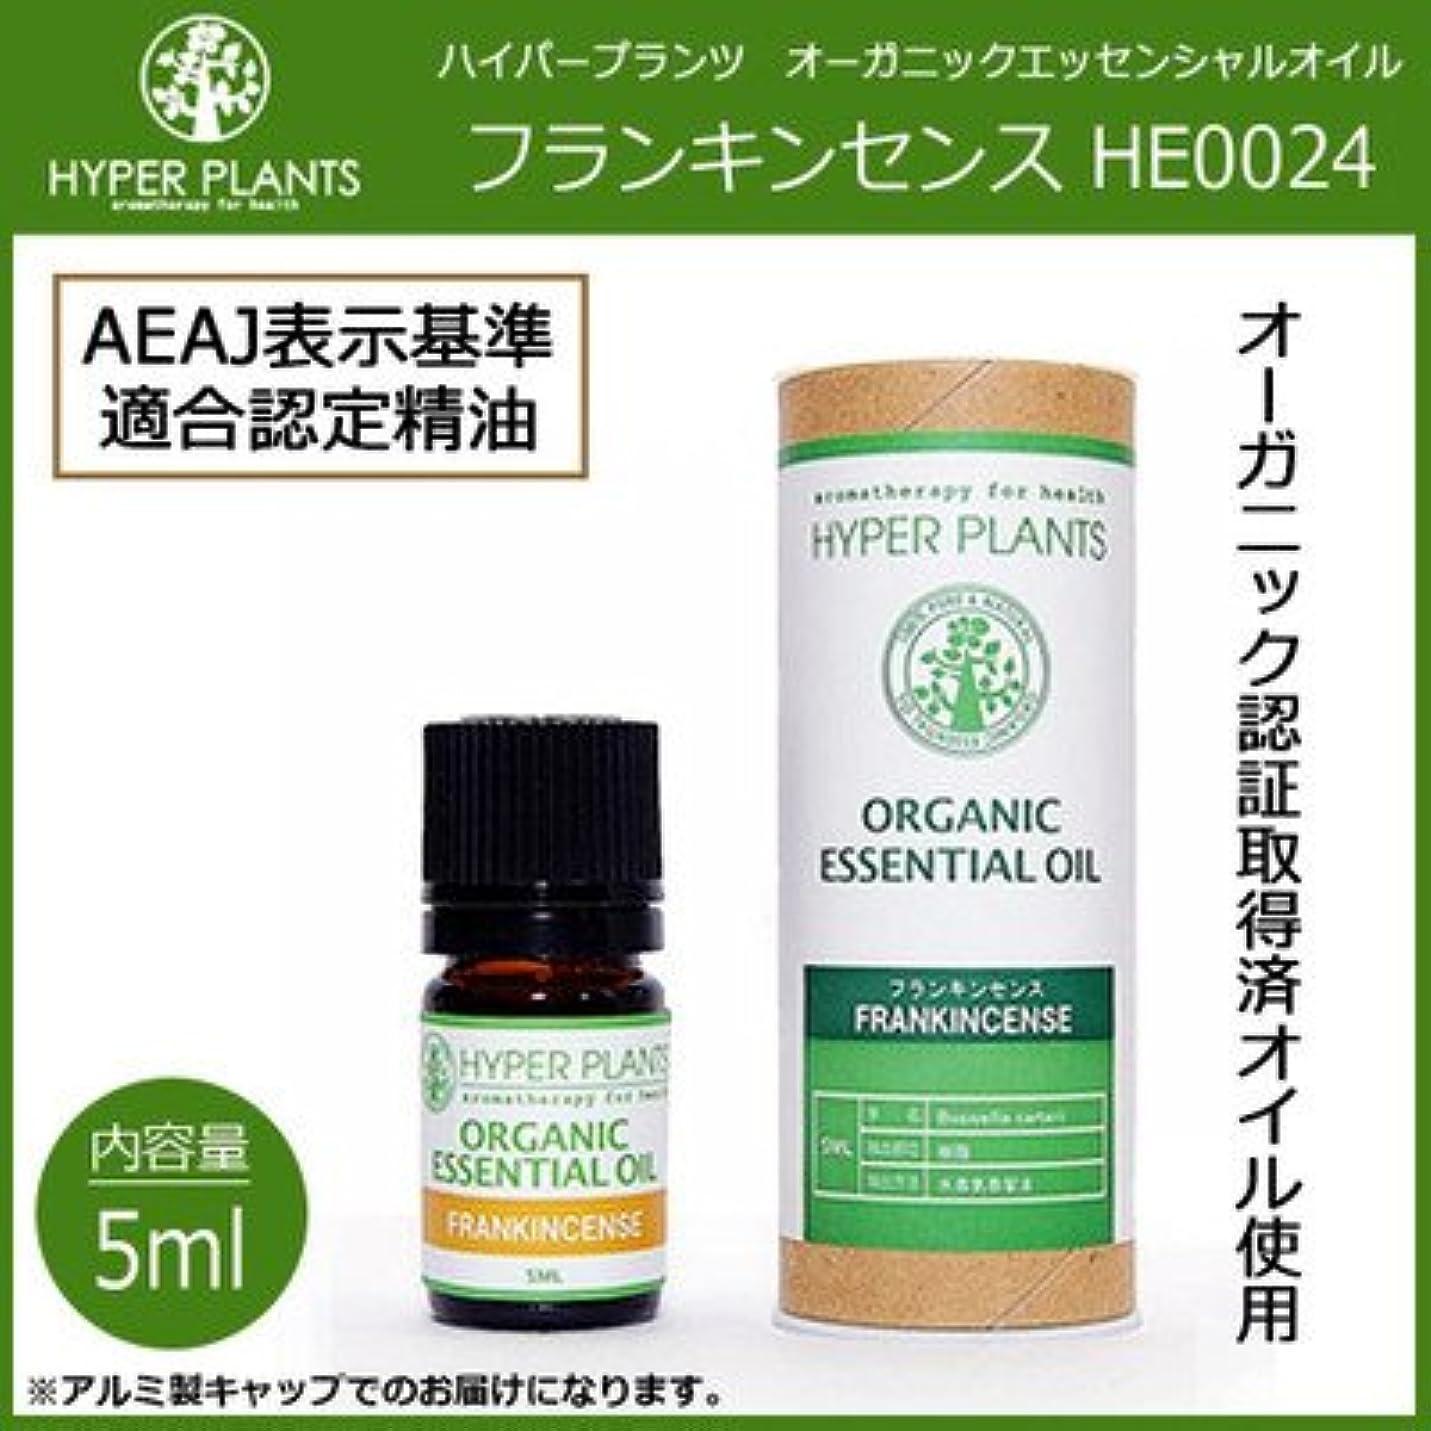 ランクを除く整理する毎日の生活にアロマの香りを HYPER PLANTS ハイパープランツ オーガニックエッセンシャルオイル フランキンセンス 5ml HE0024